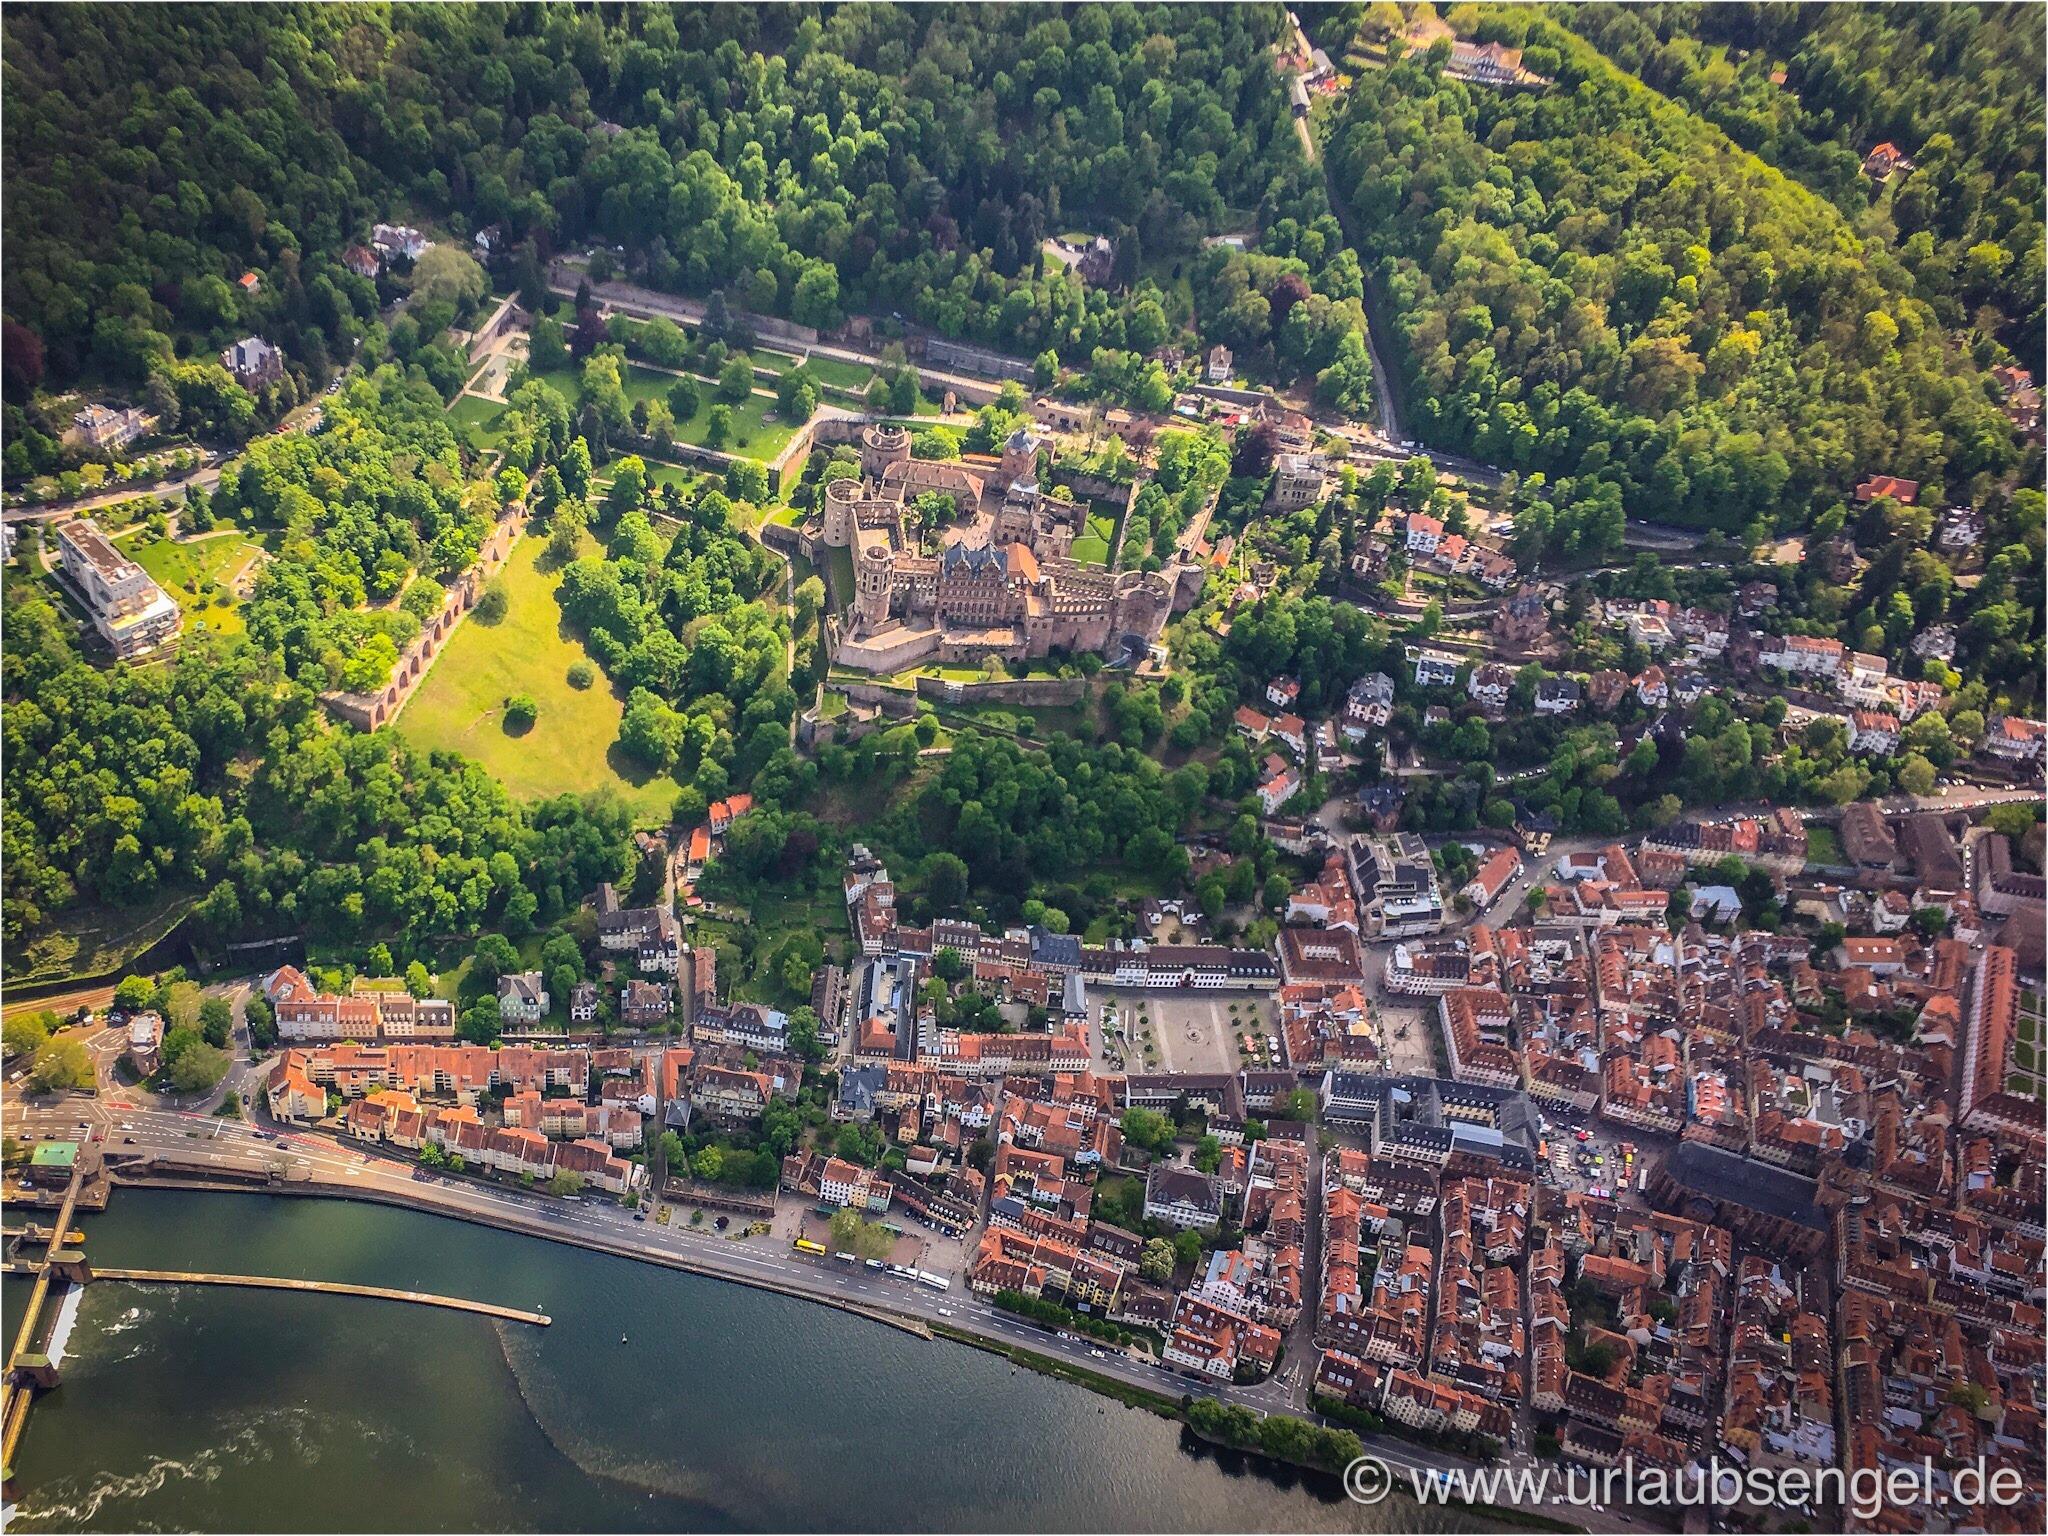 Luftbild vom Heidelberger Schloss aus dem Gyrocopter